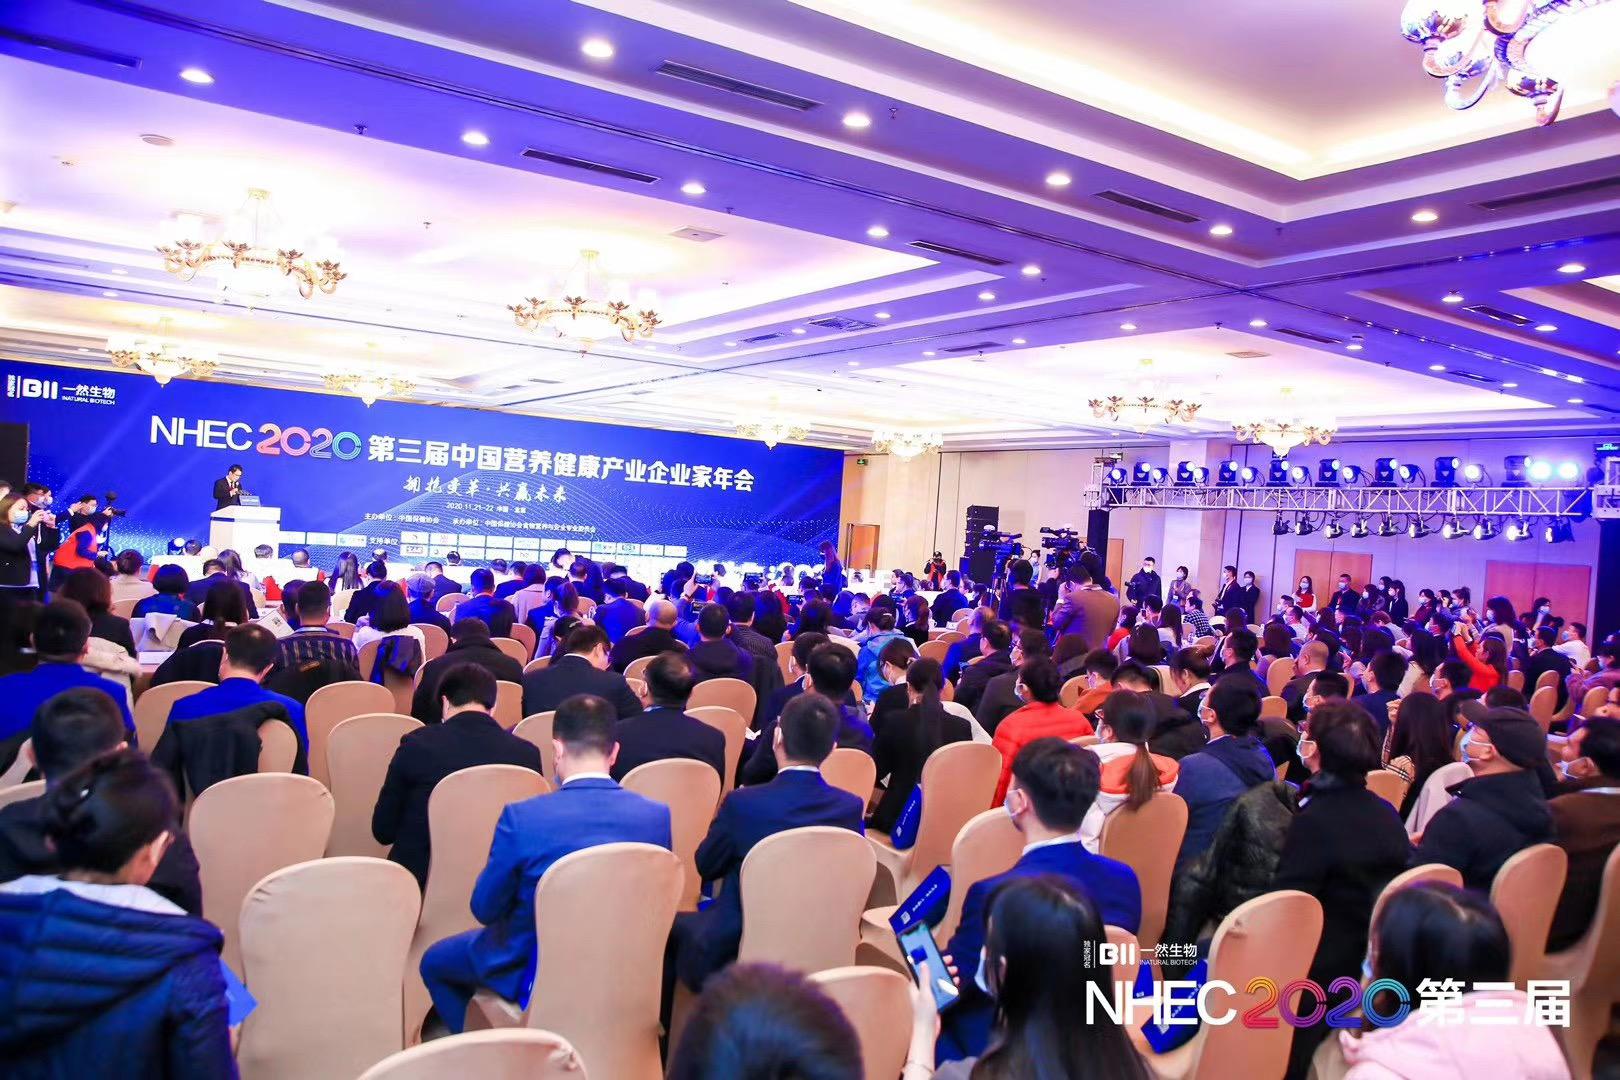 福星生物榮膺兩大獎項---第三屆中國營養健康產業企業家年會